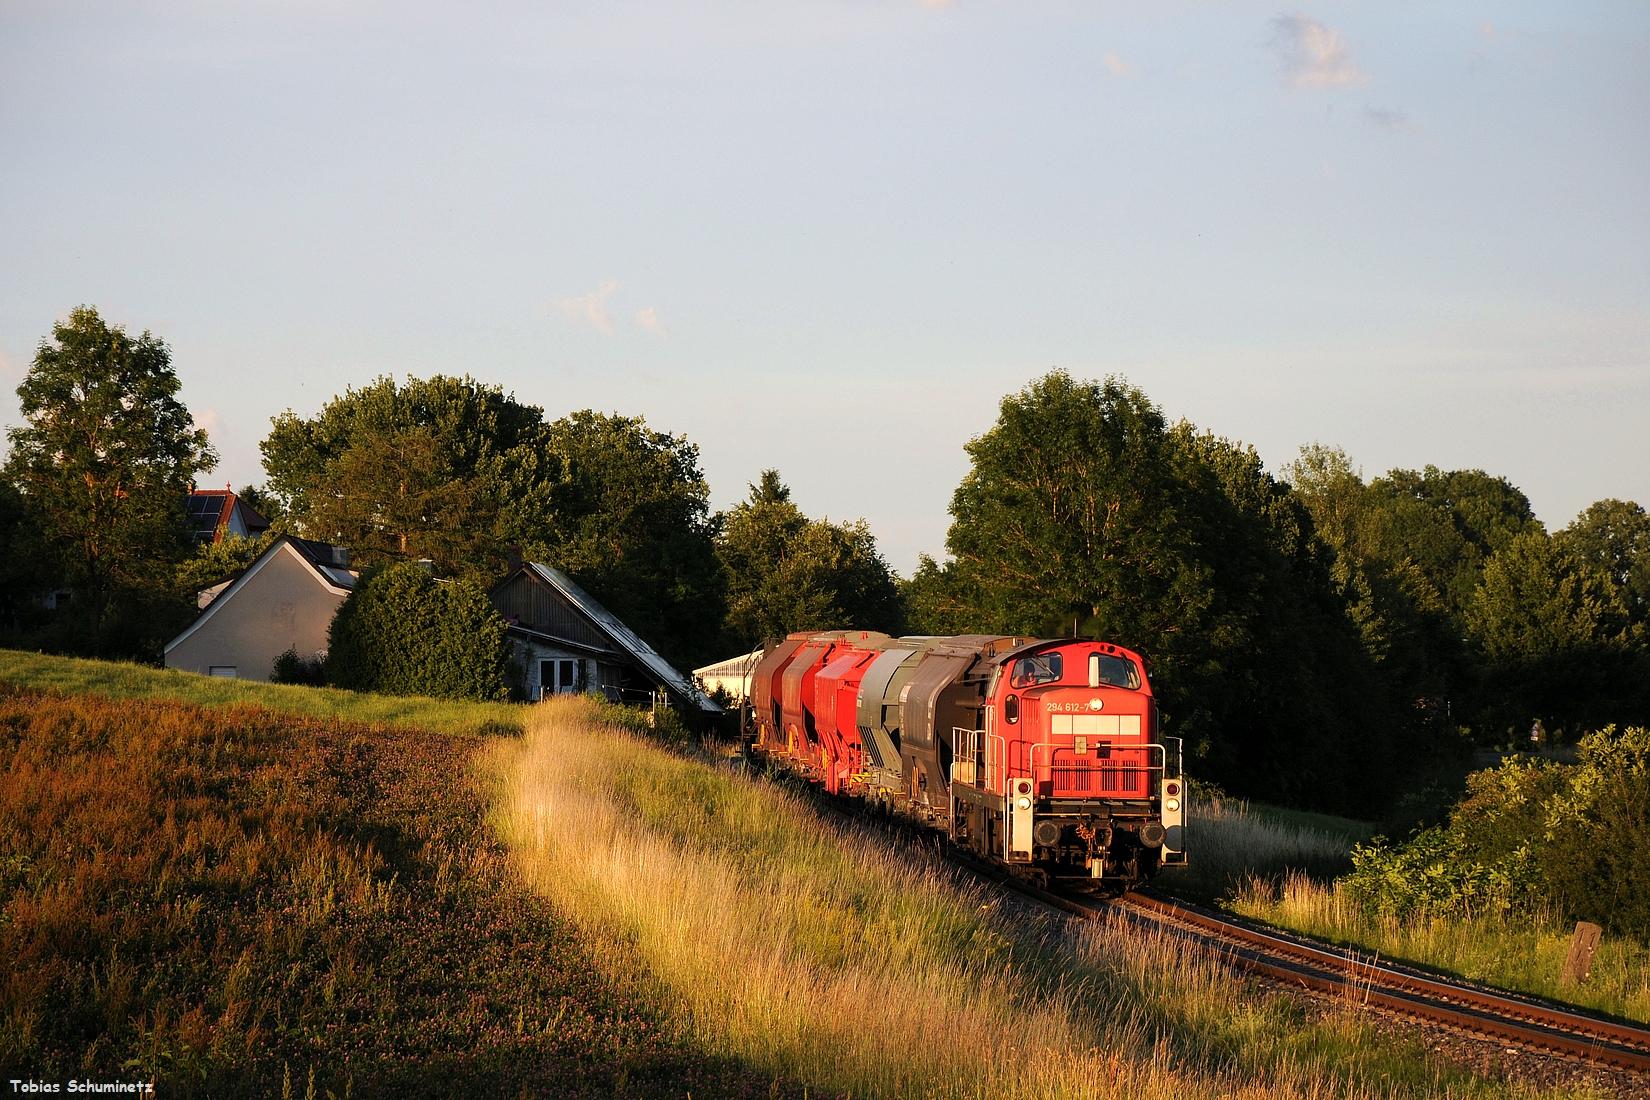 Vom 30.06.2017 zeige ich euch nur das Bild aus Gebenbach. Diesmal war 294 612 eingeteilt den Zug nach Schwandorf zu befördern.